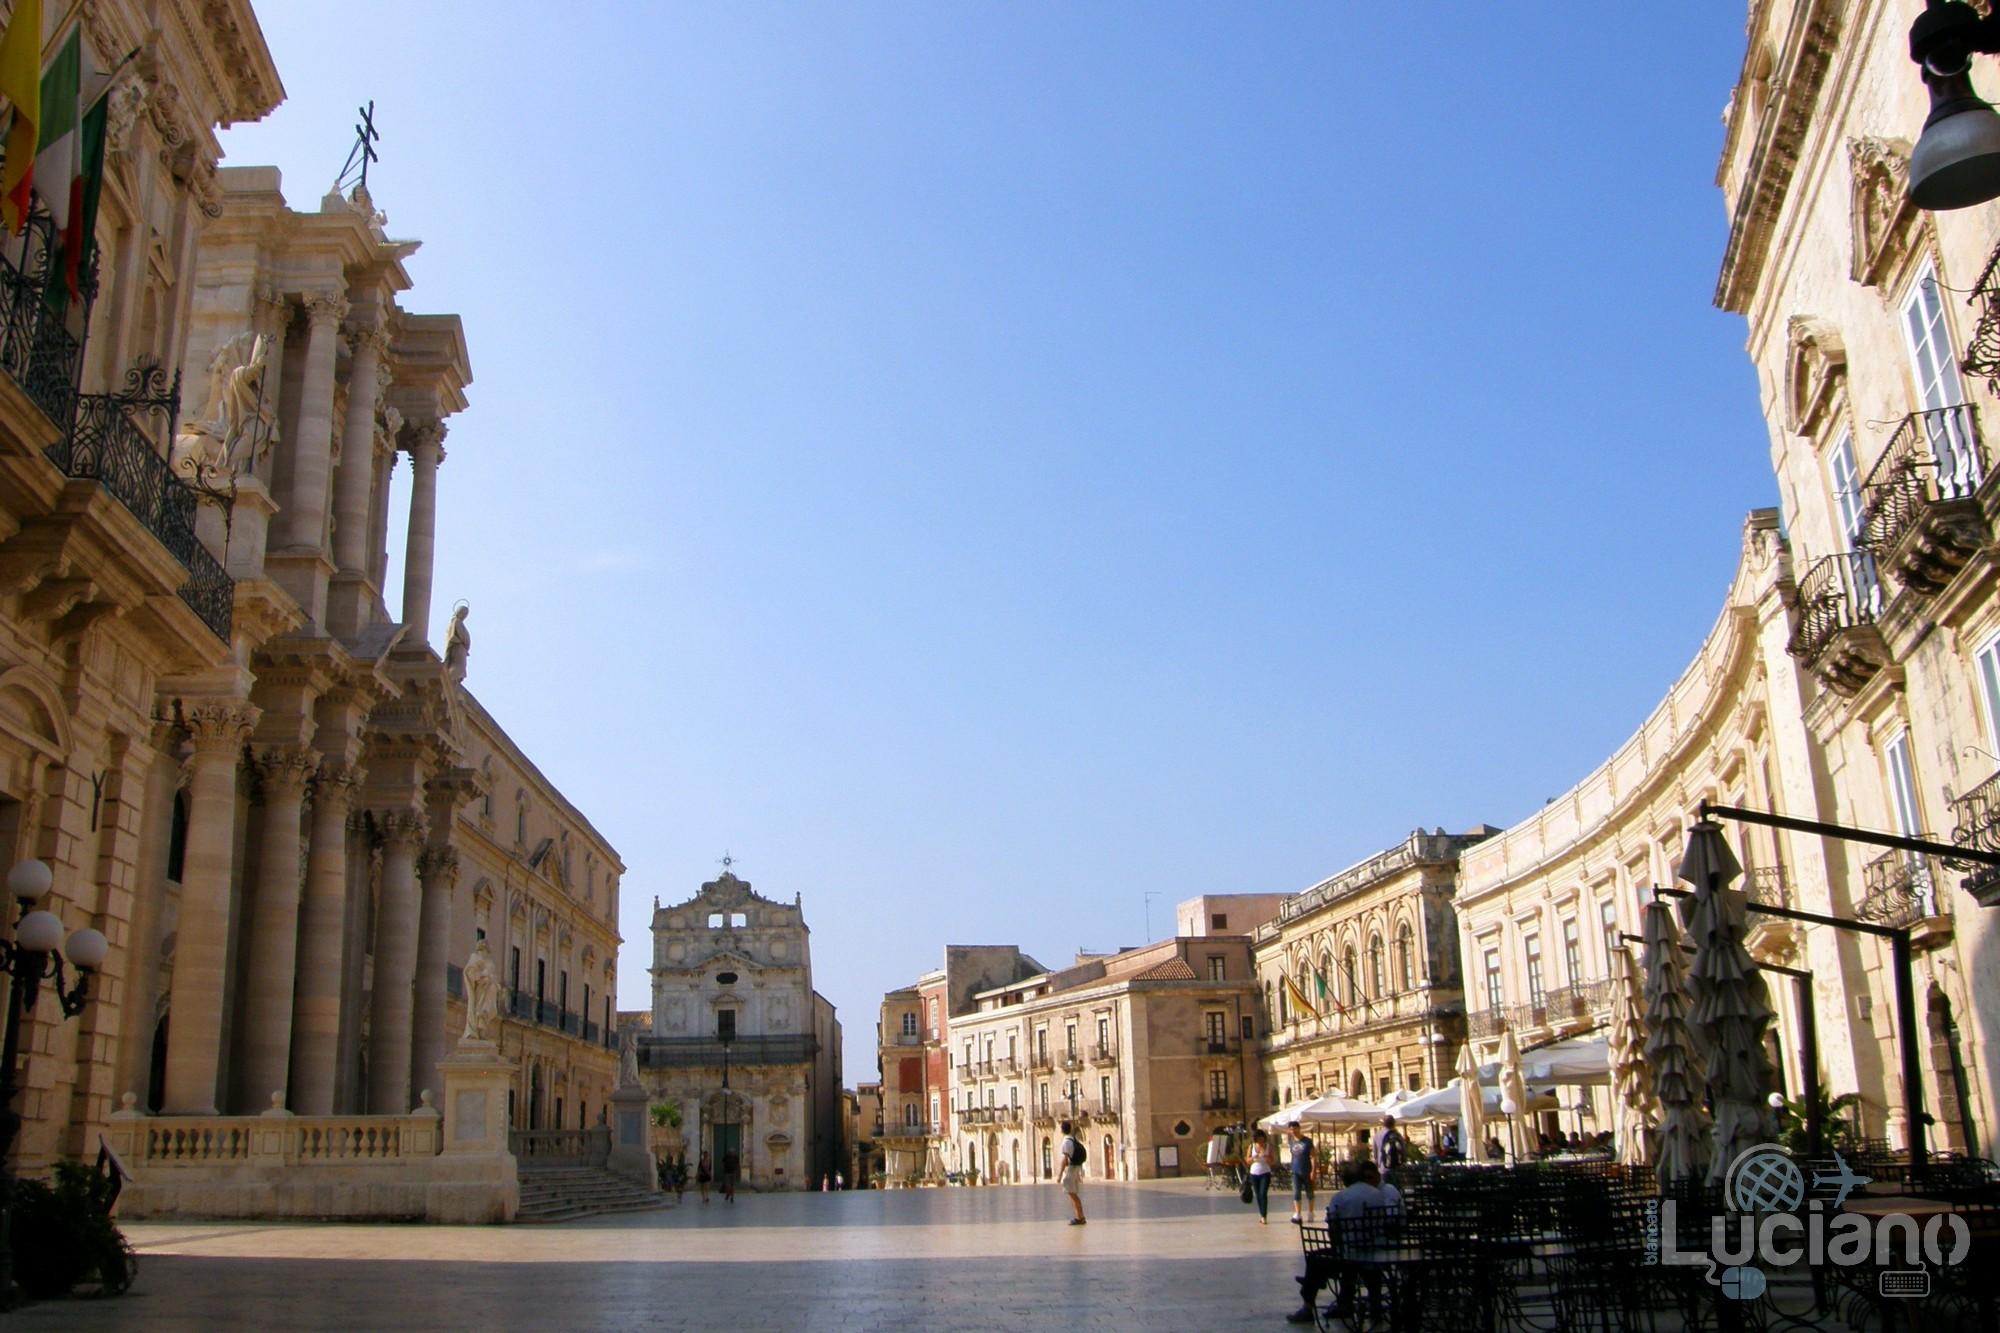 Vista di Piazza Duomo a Ortigia - Siracusa